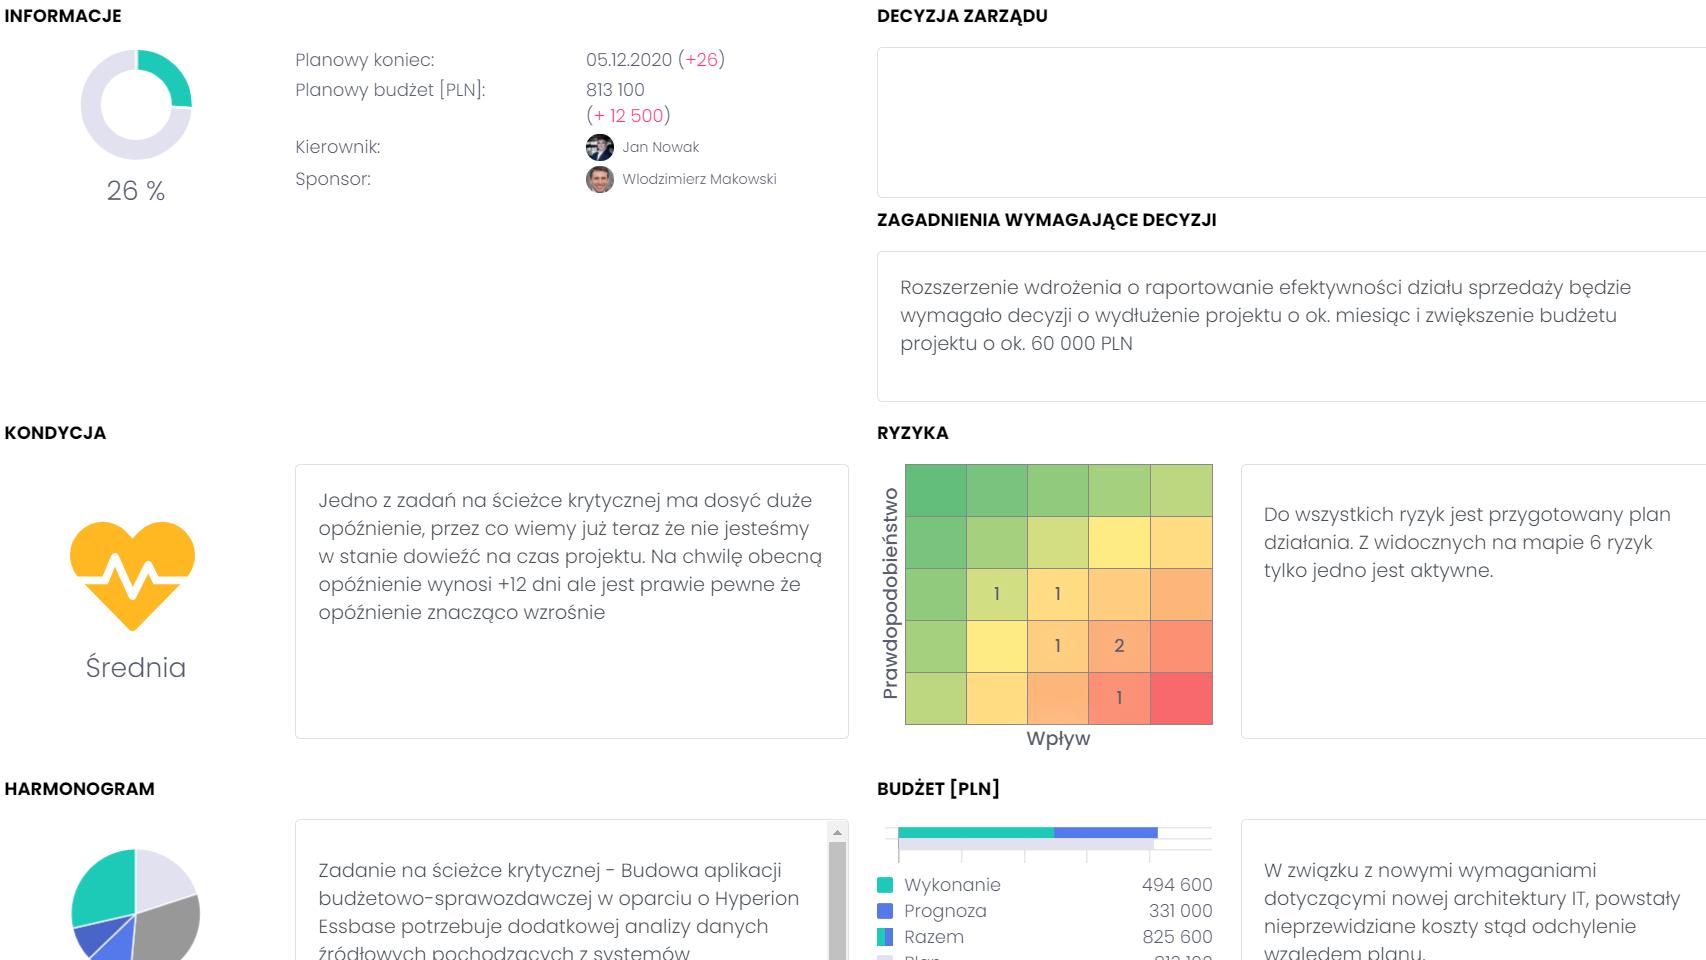 Organizowanie dla Zarządu cyklicznych i automatycznych przeglądów projektowych FlexiProject